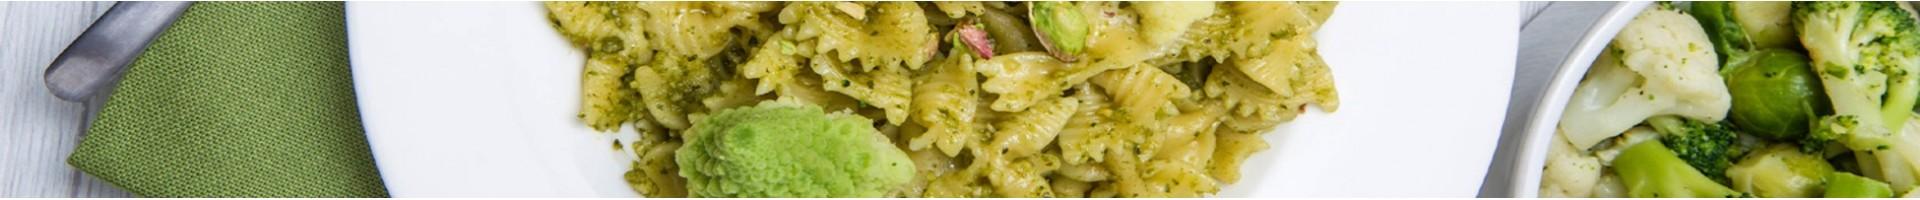 Panzerotto y Pastas Frescas | Compra Online en La Finestra Sul Cielo